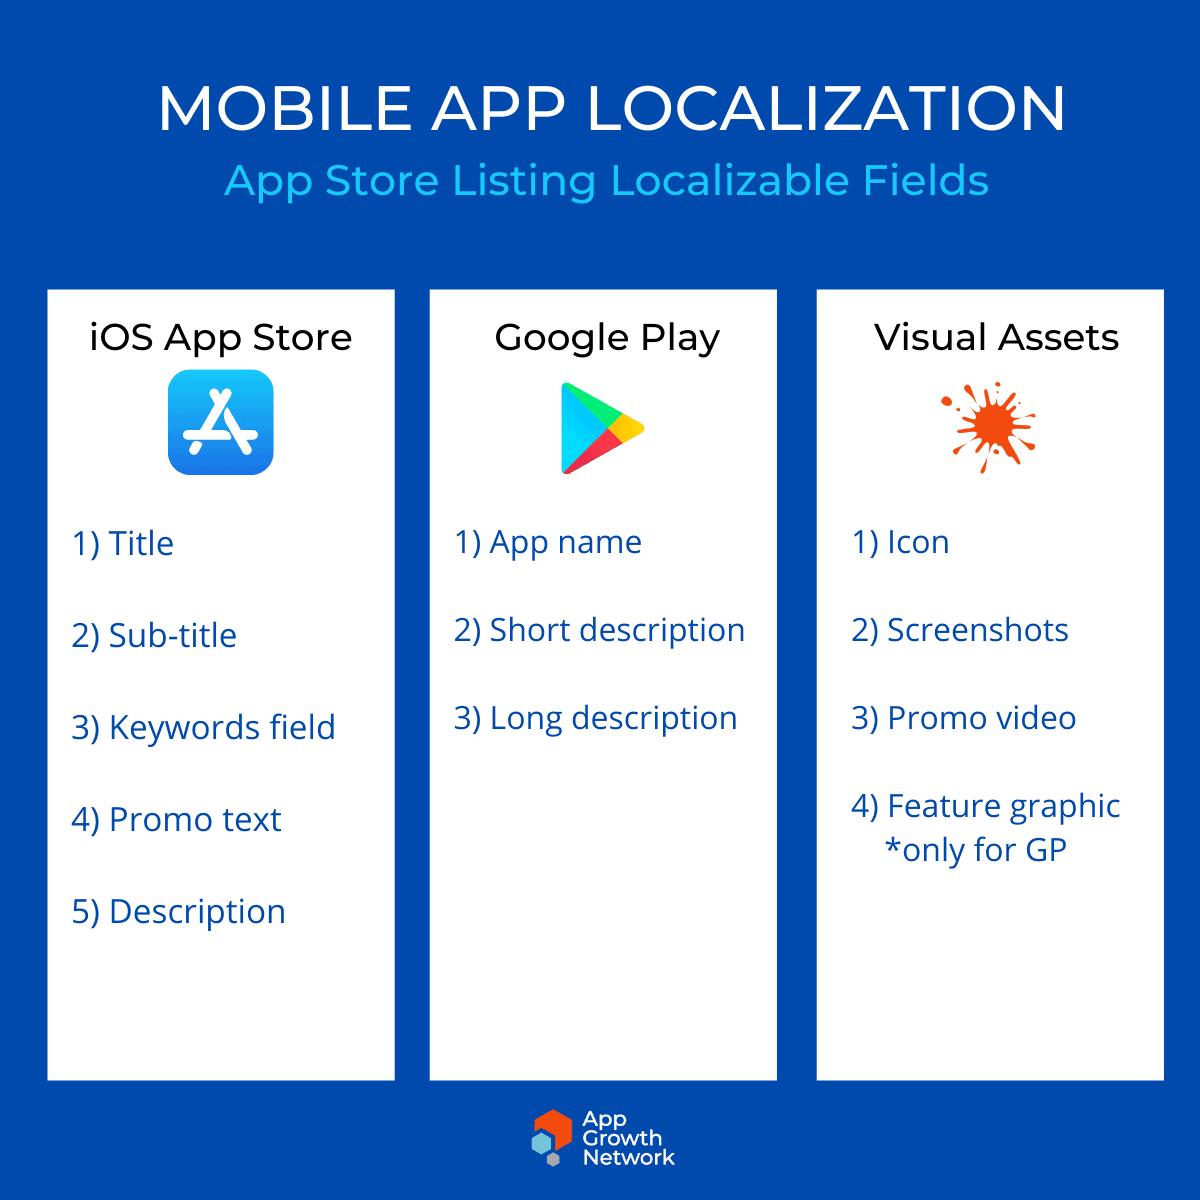 App Store localization fields